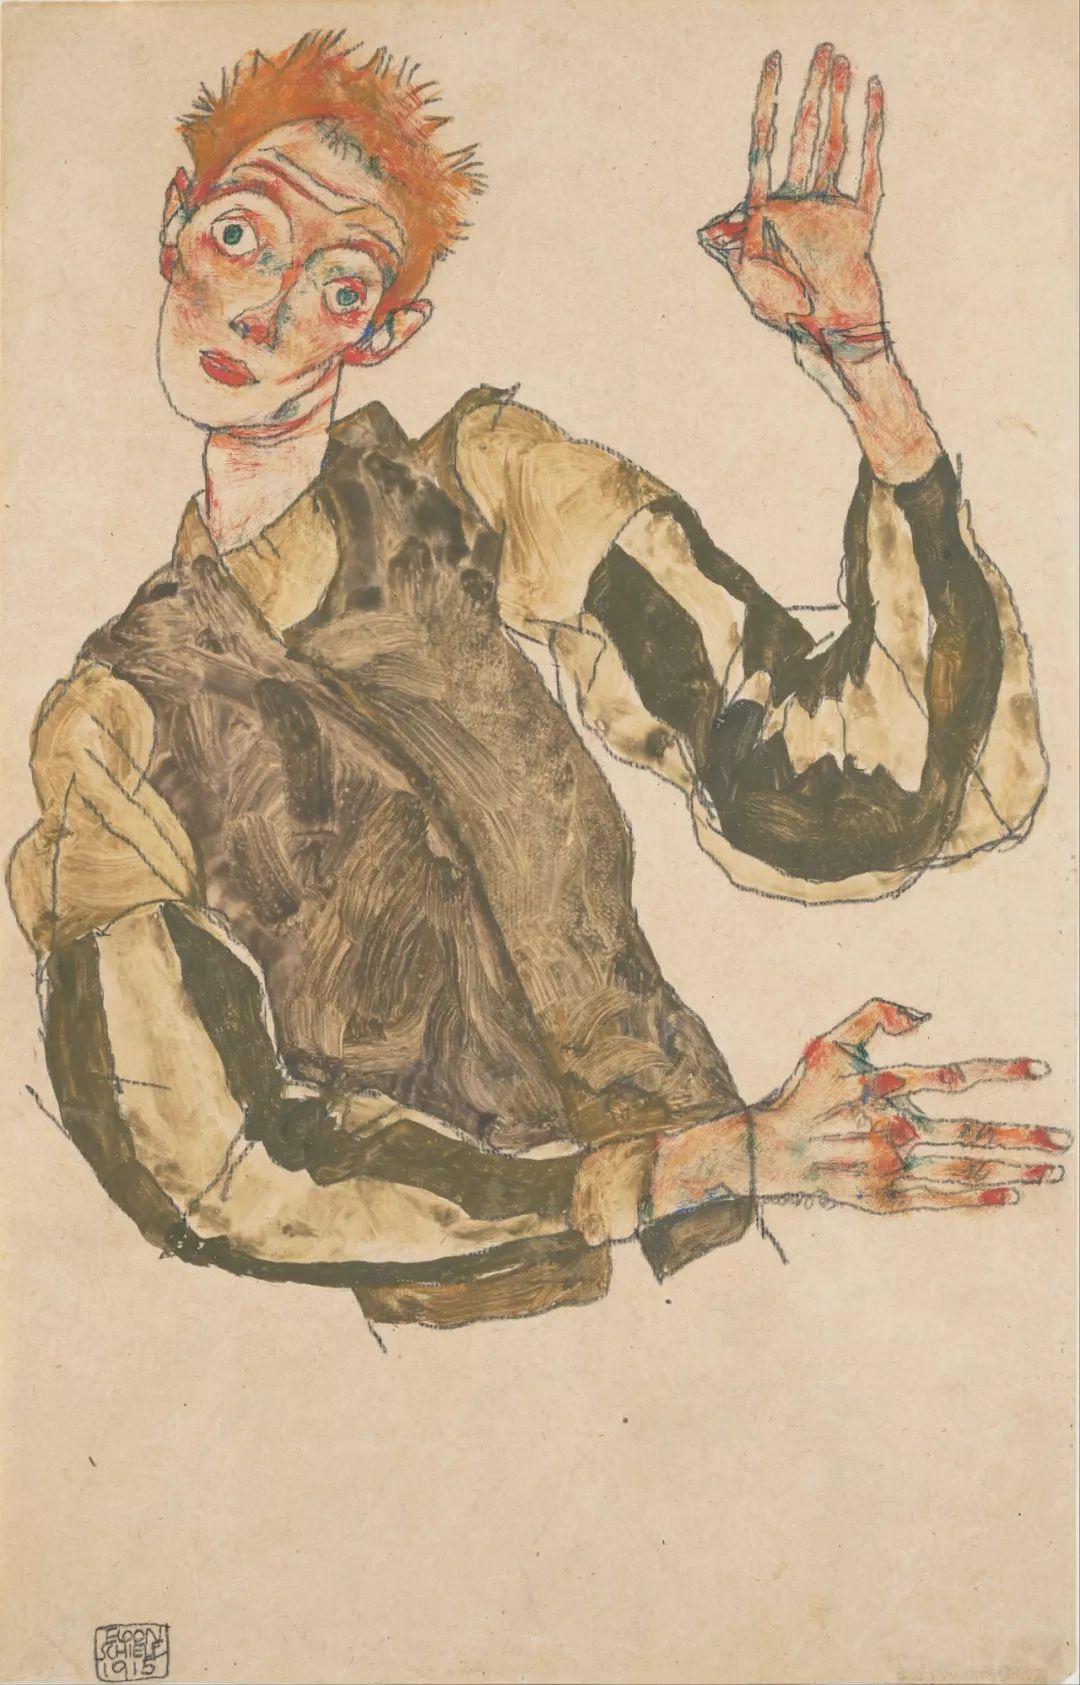 年仅28岁,生前遭受非议,死后却被捧为直逼心灵的艺术家插图121